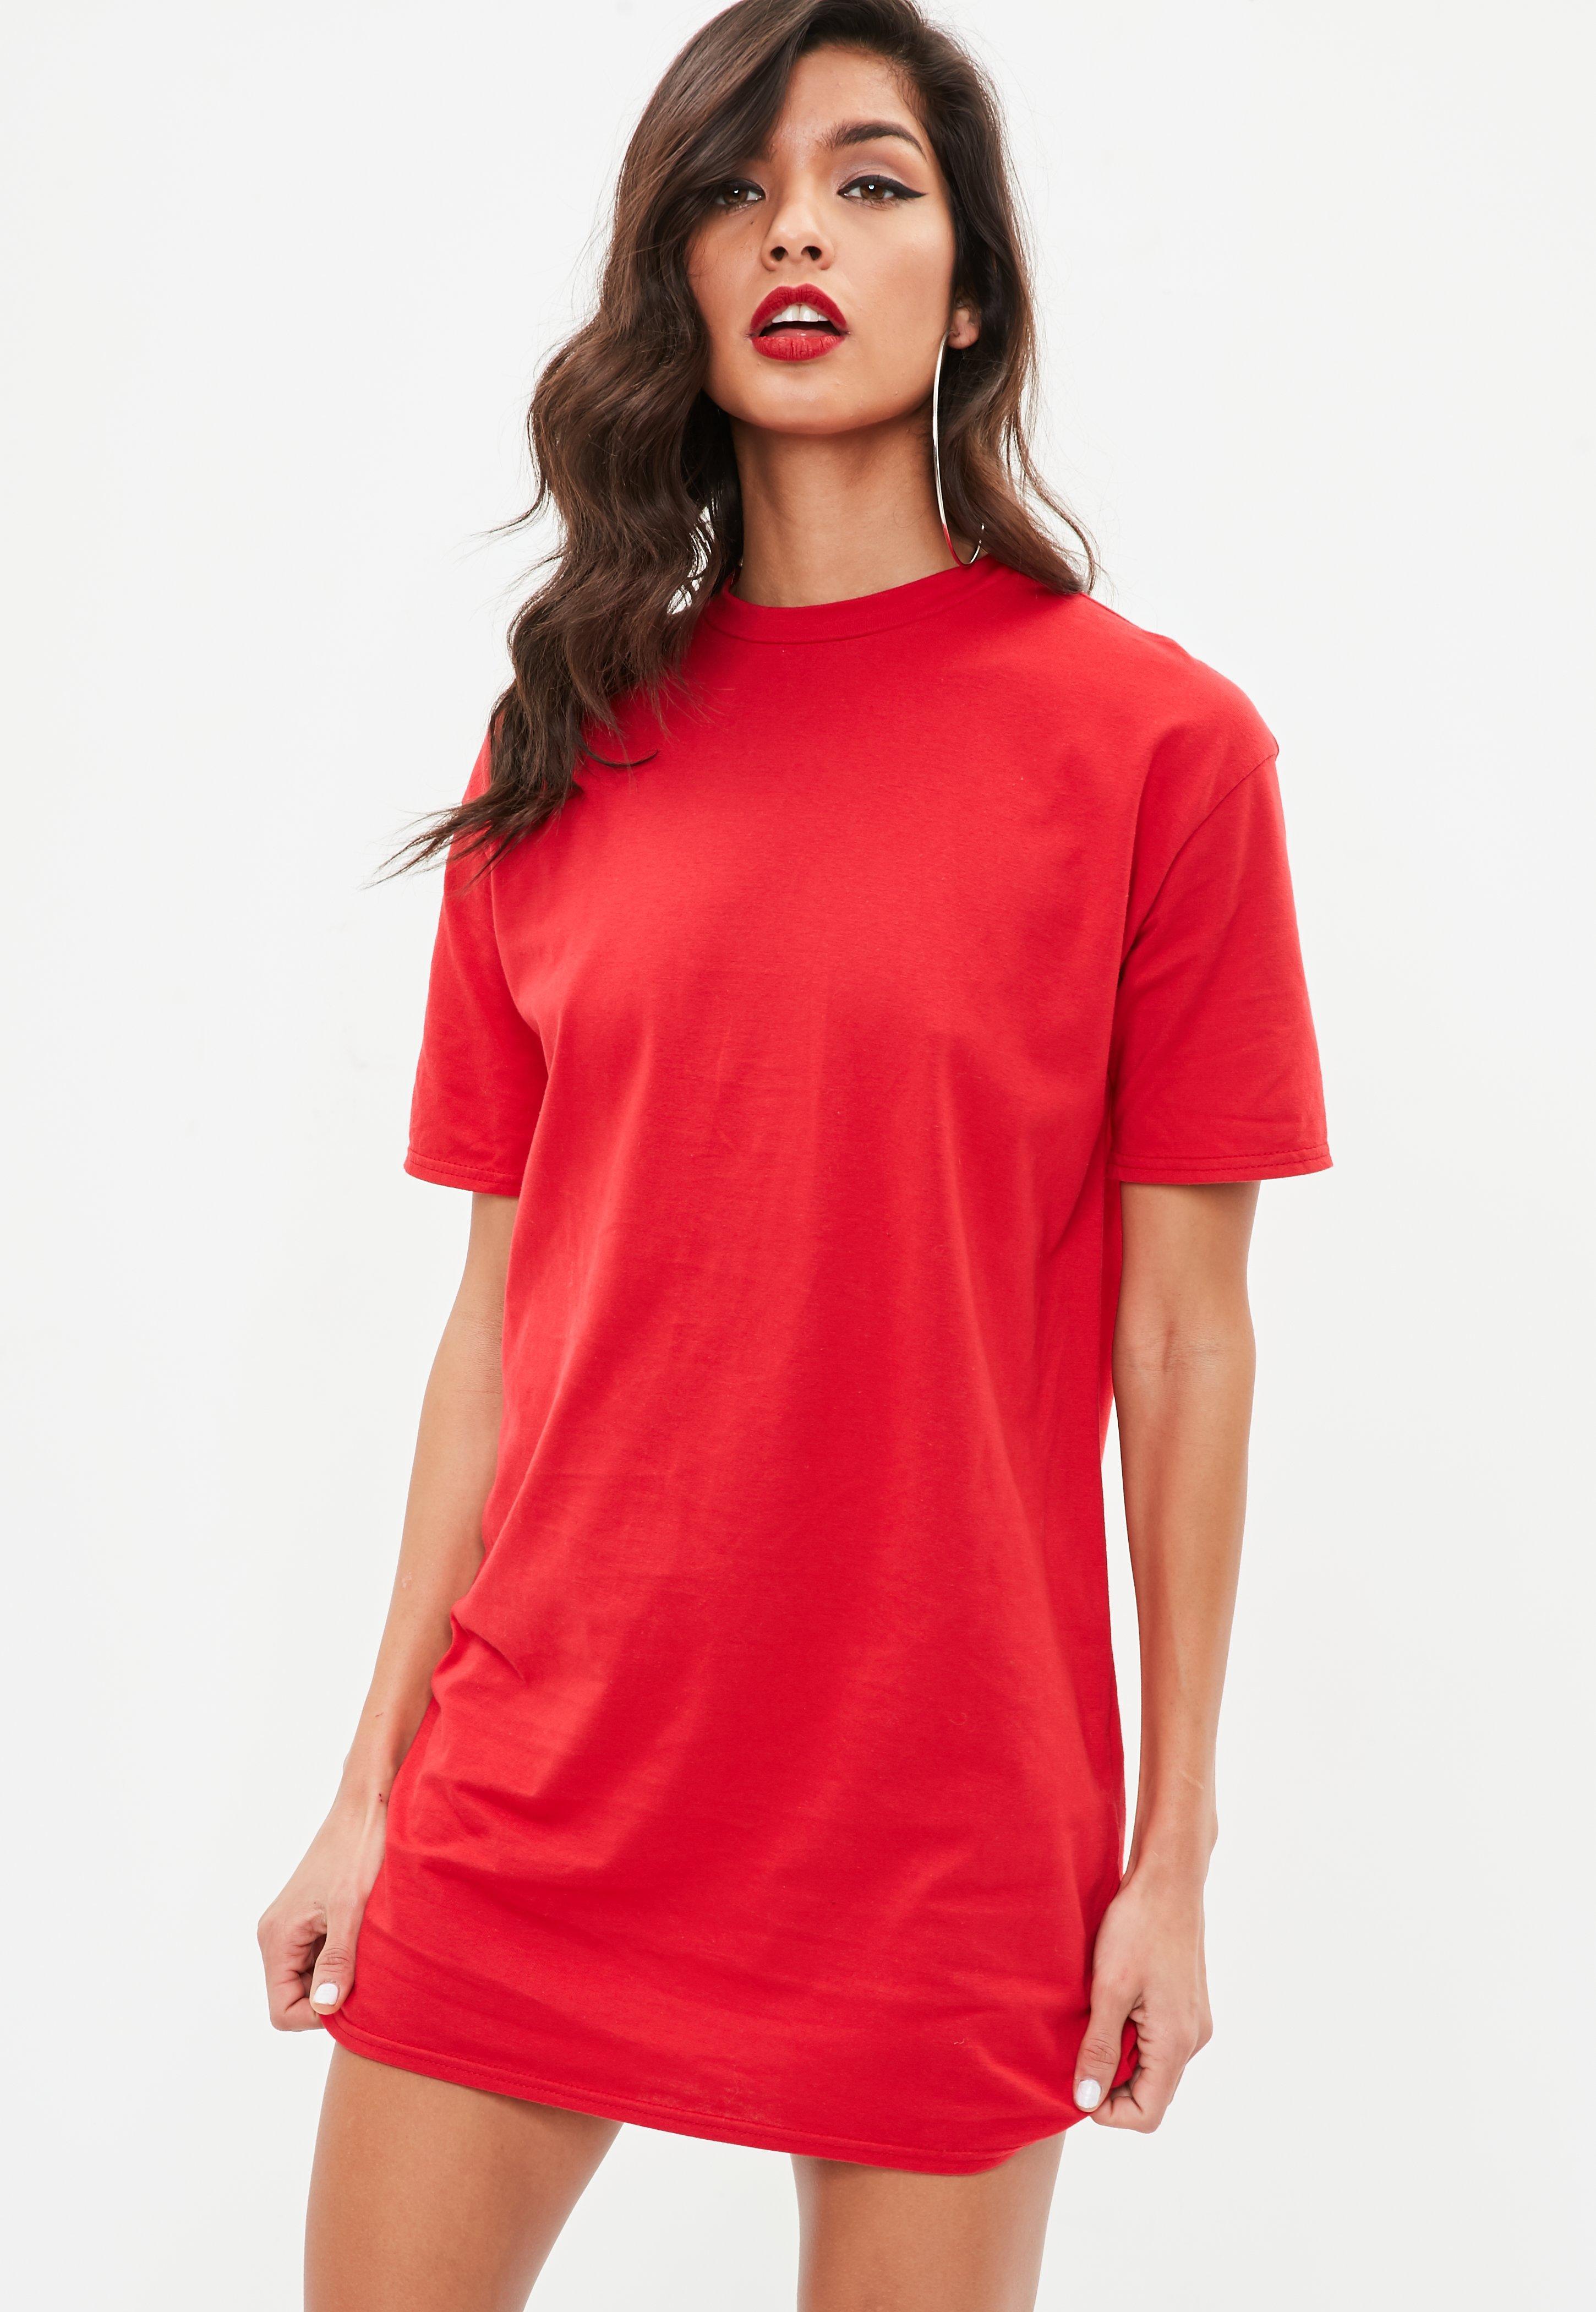 Short sleeve dress shirt fashion 82